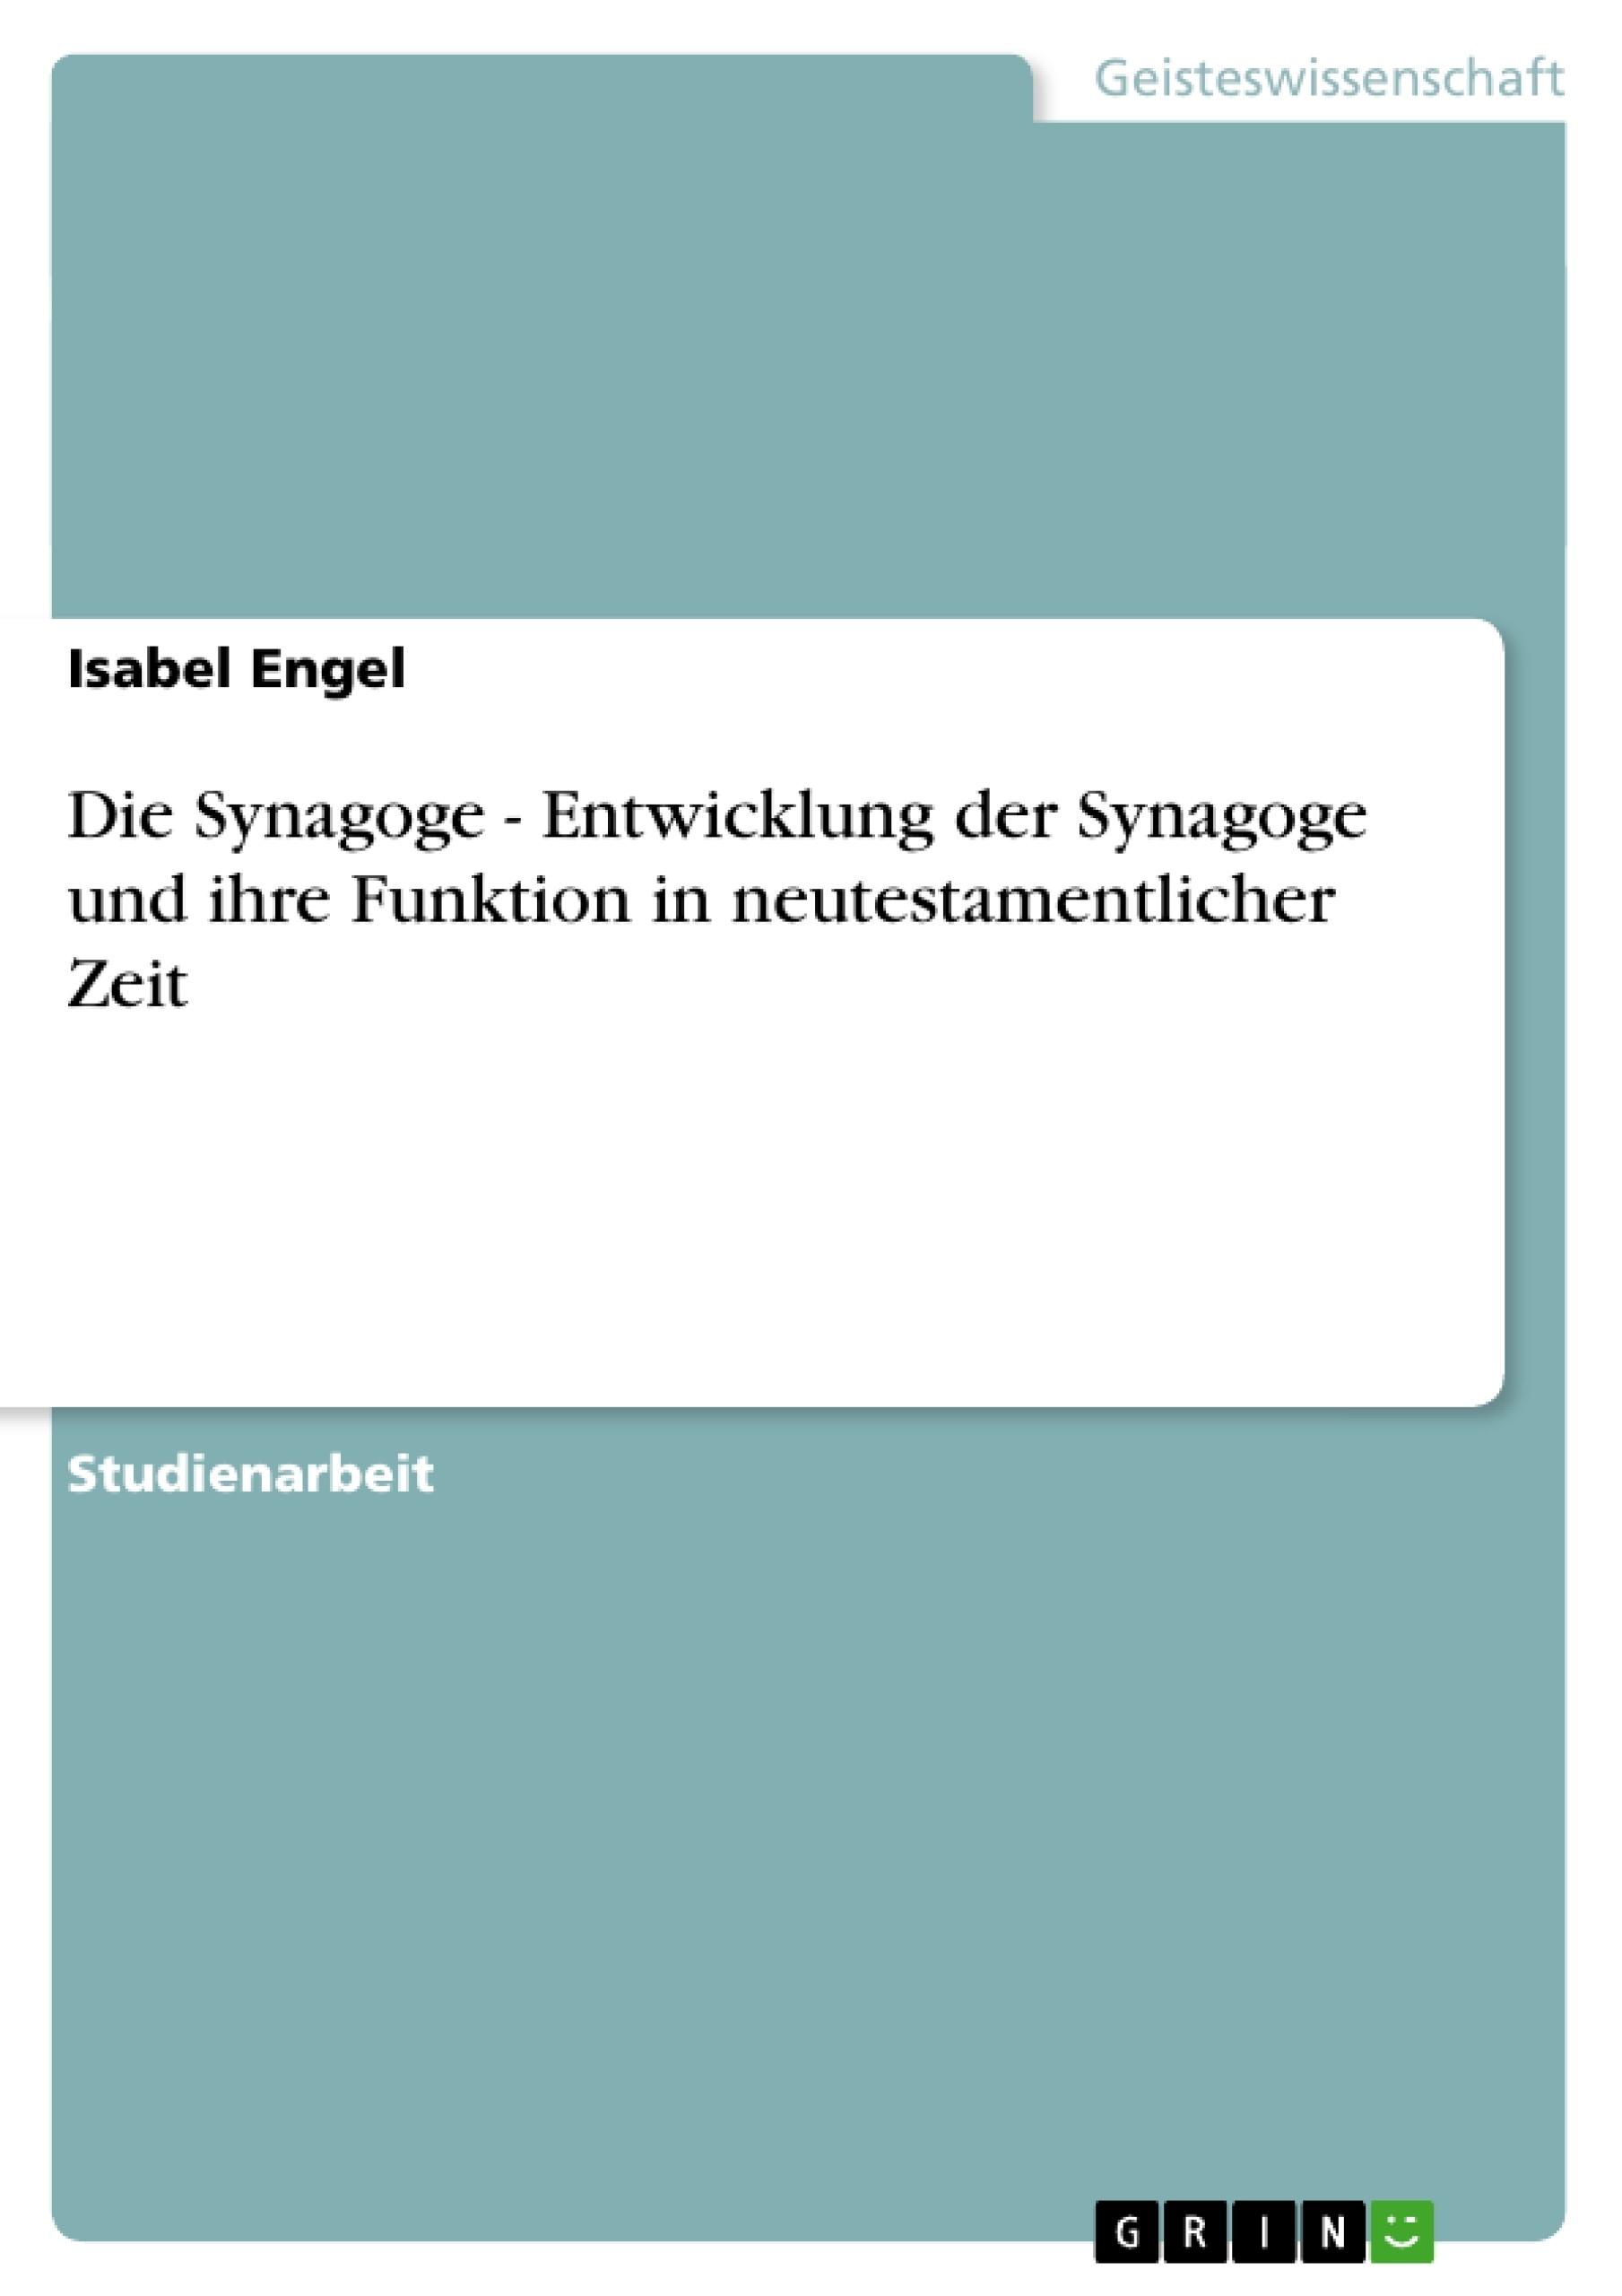 Titel: Die Synagoge - Entwicklung der Synagoge und ihre Funktion in neutestamentlicher Zeit